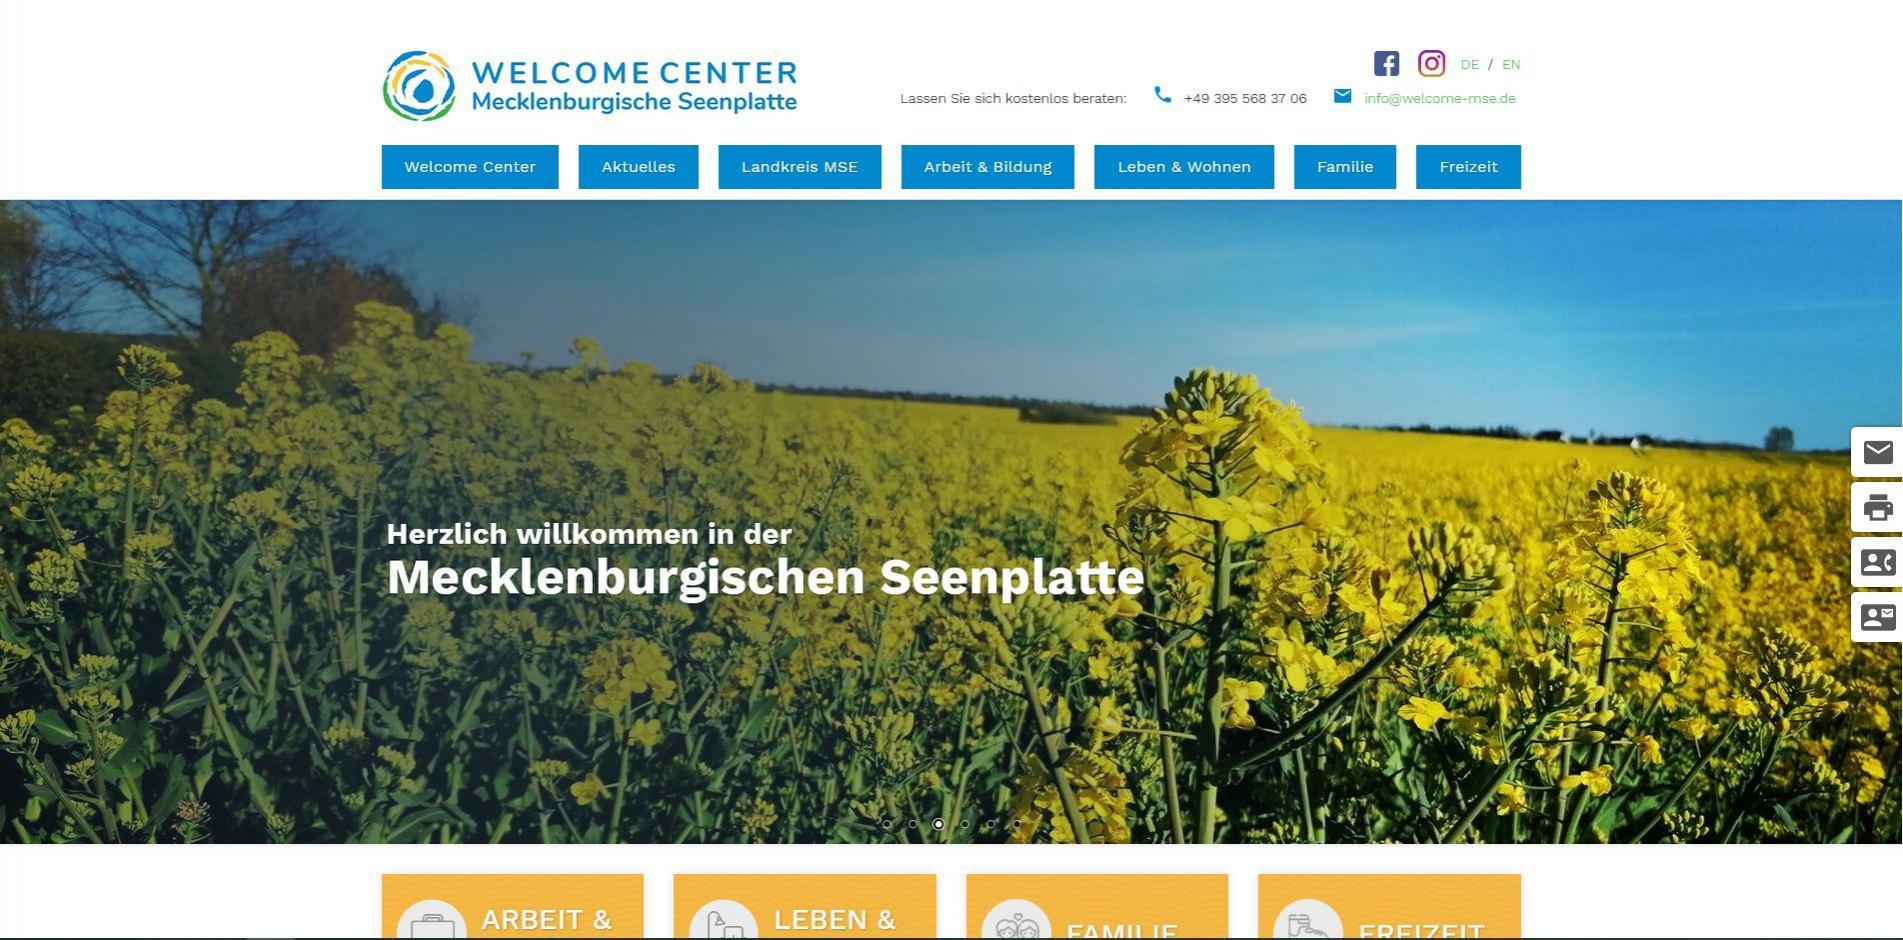 Welcome Center Mecklenburgische Seenplatte